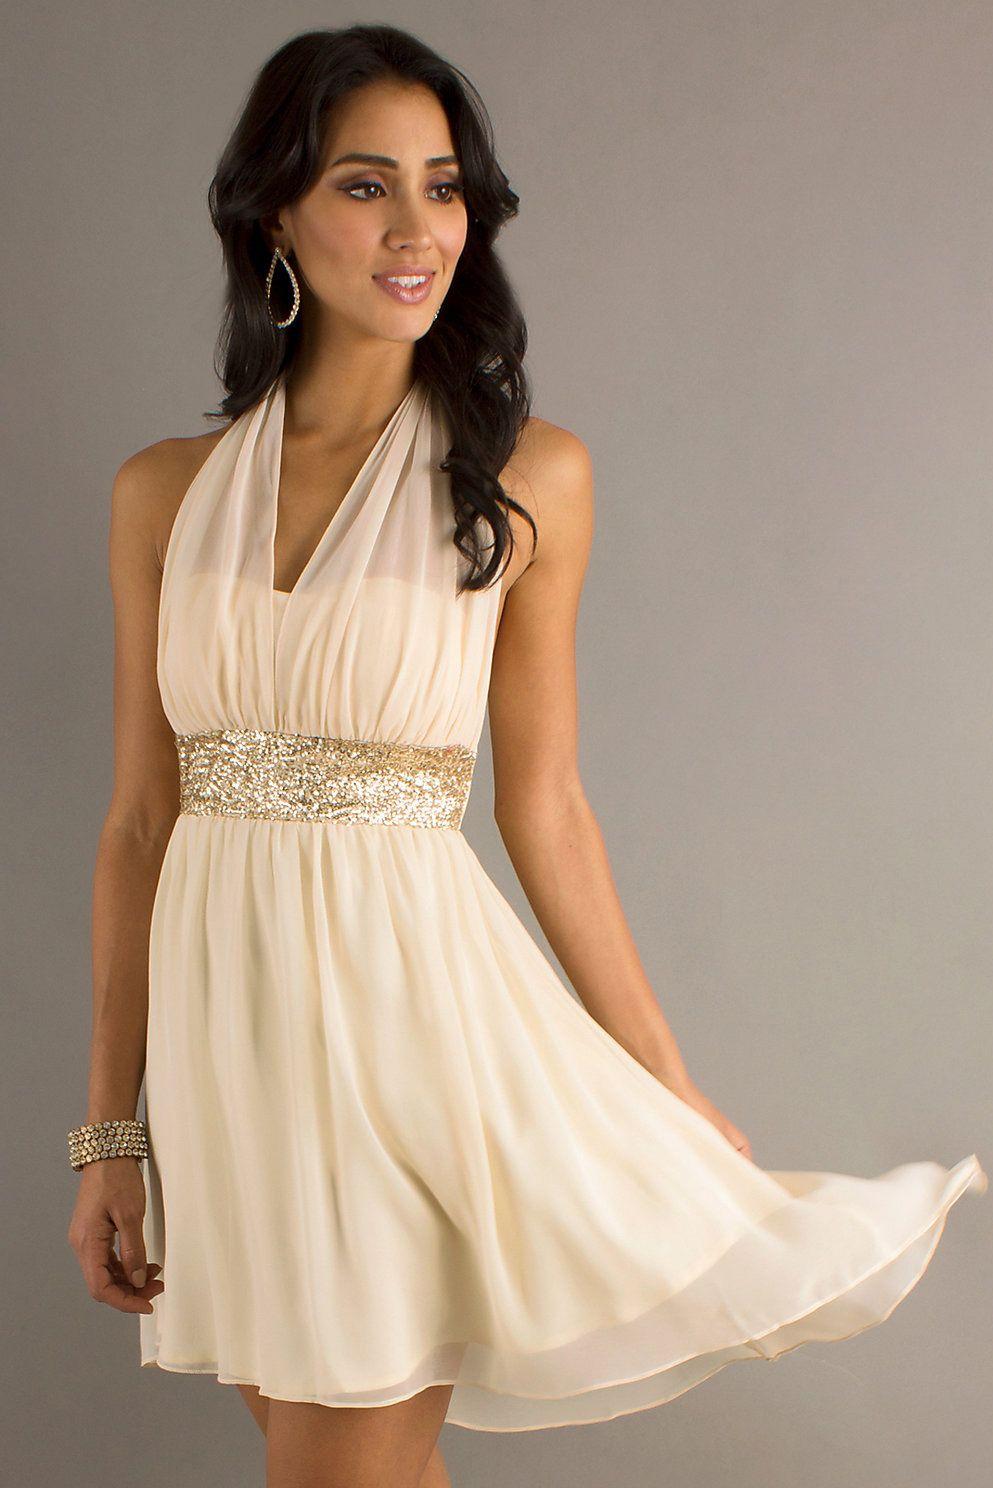 Cocktail Halter Dresses - Ocodea.com